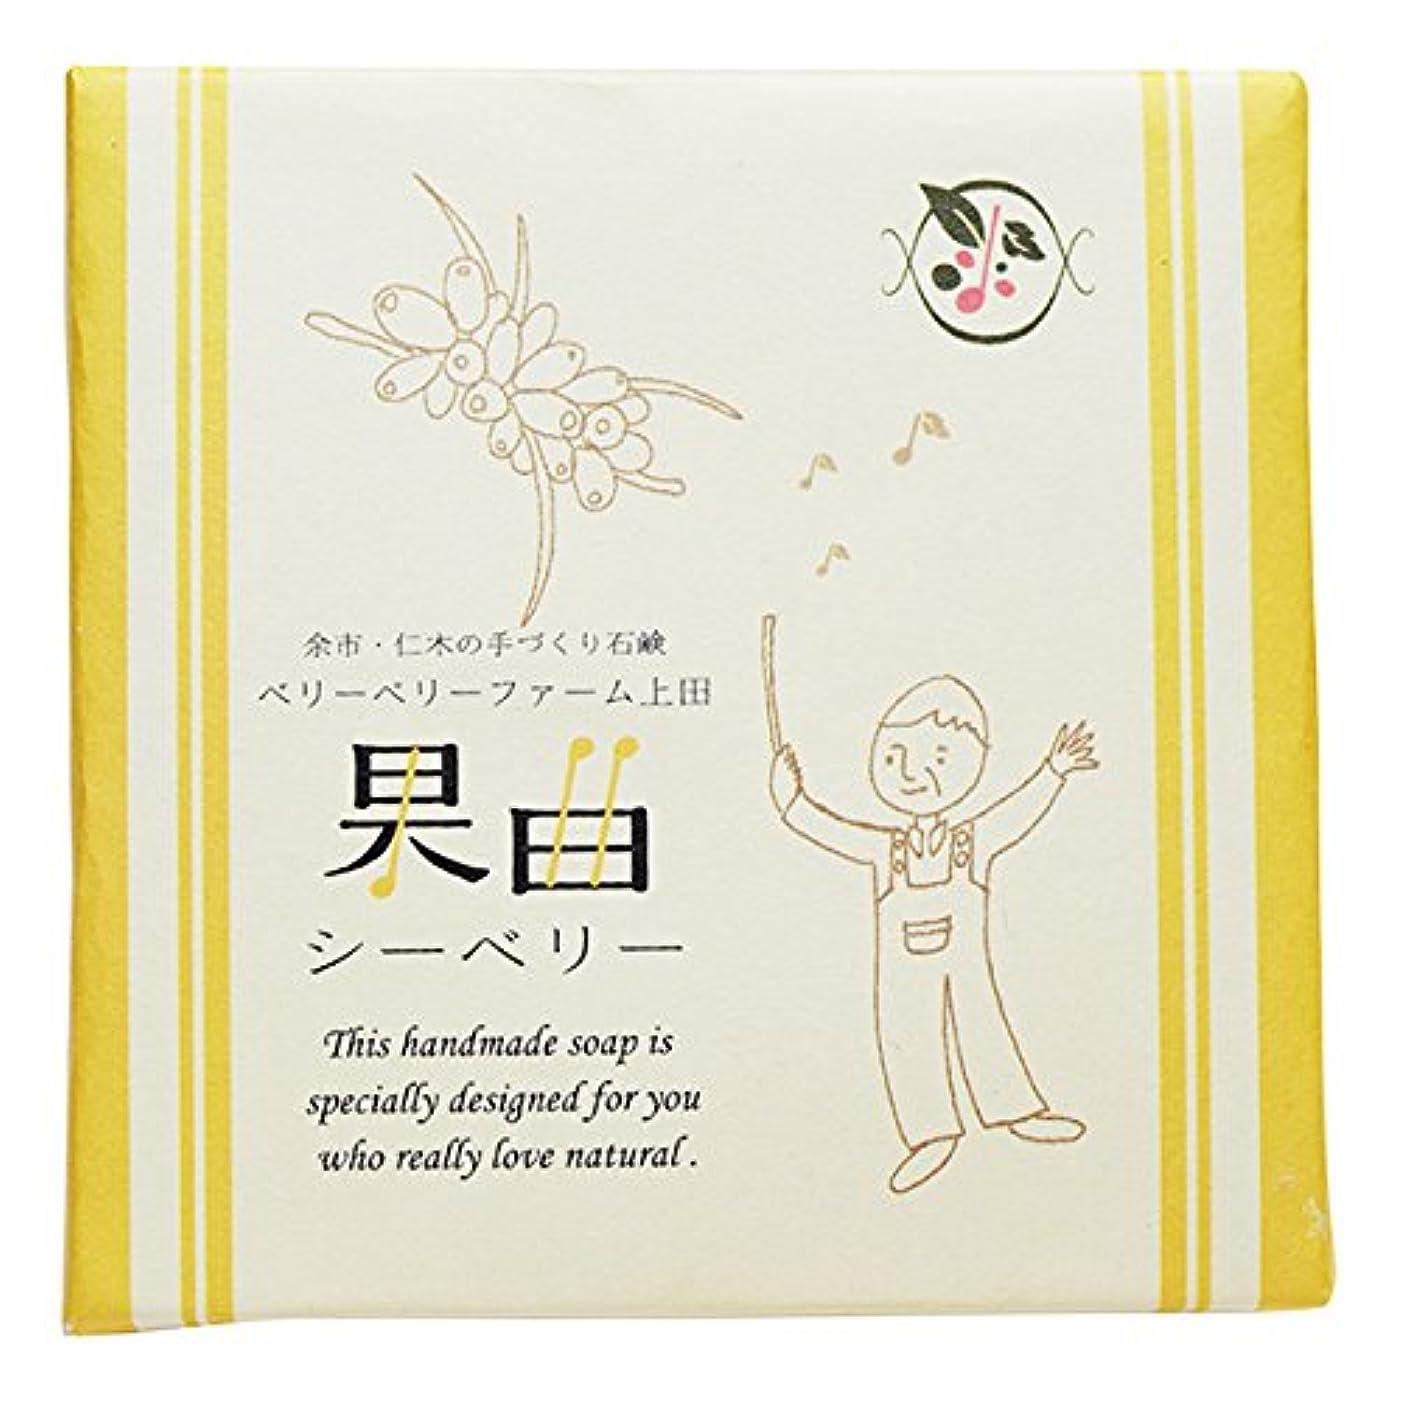 望みリサイクルする喜劇余市町仁木のベリーベリーファーム上田との共同開発 果曲(シーベリー)純練り石鹸